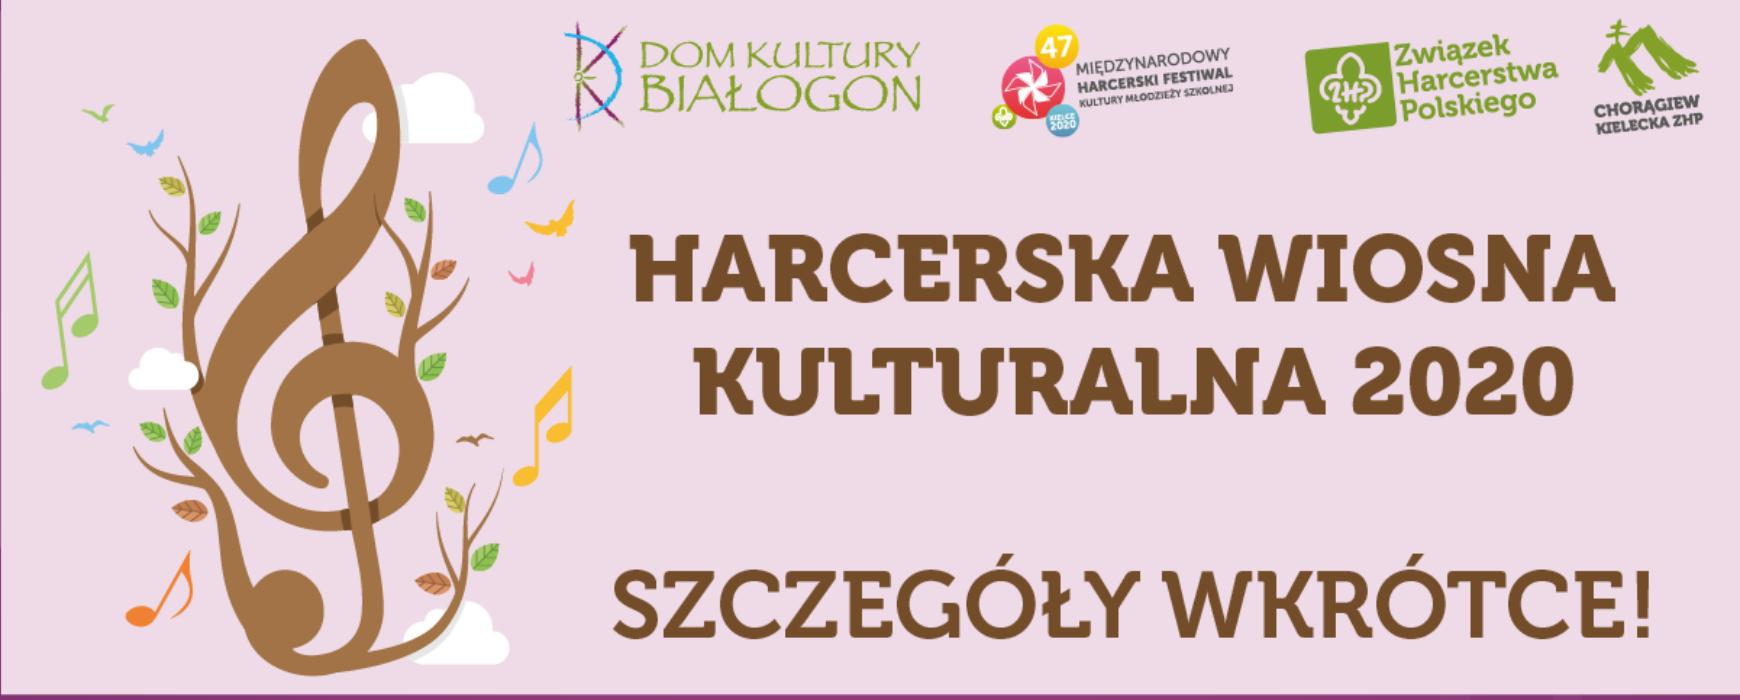 HWK 2020 – informacja dla uczestników